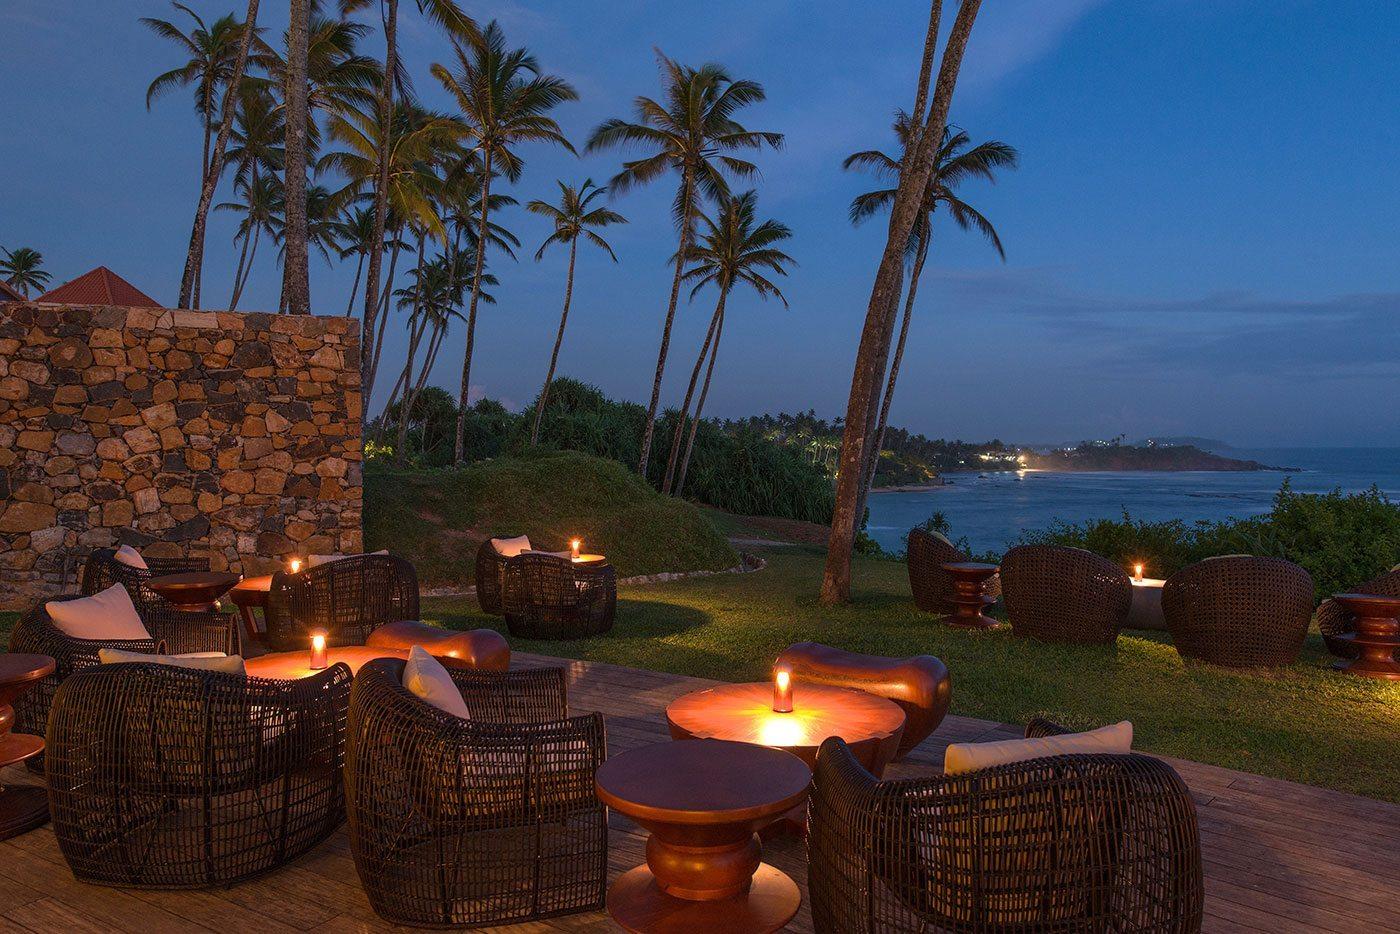 اهم الاماكن السياحية في بنتوته سريلانكا